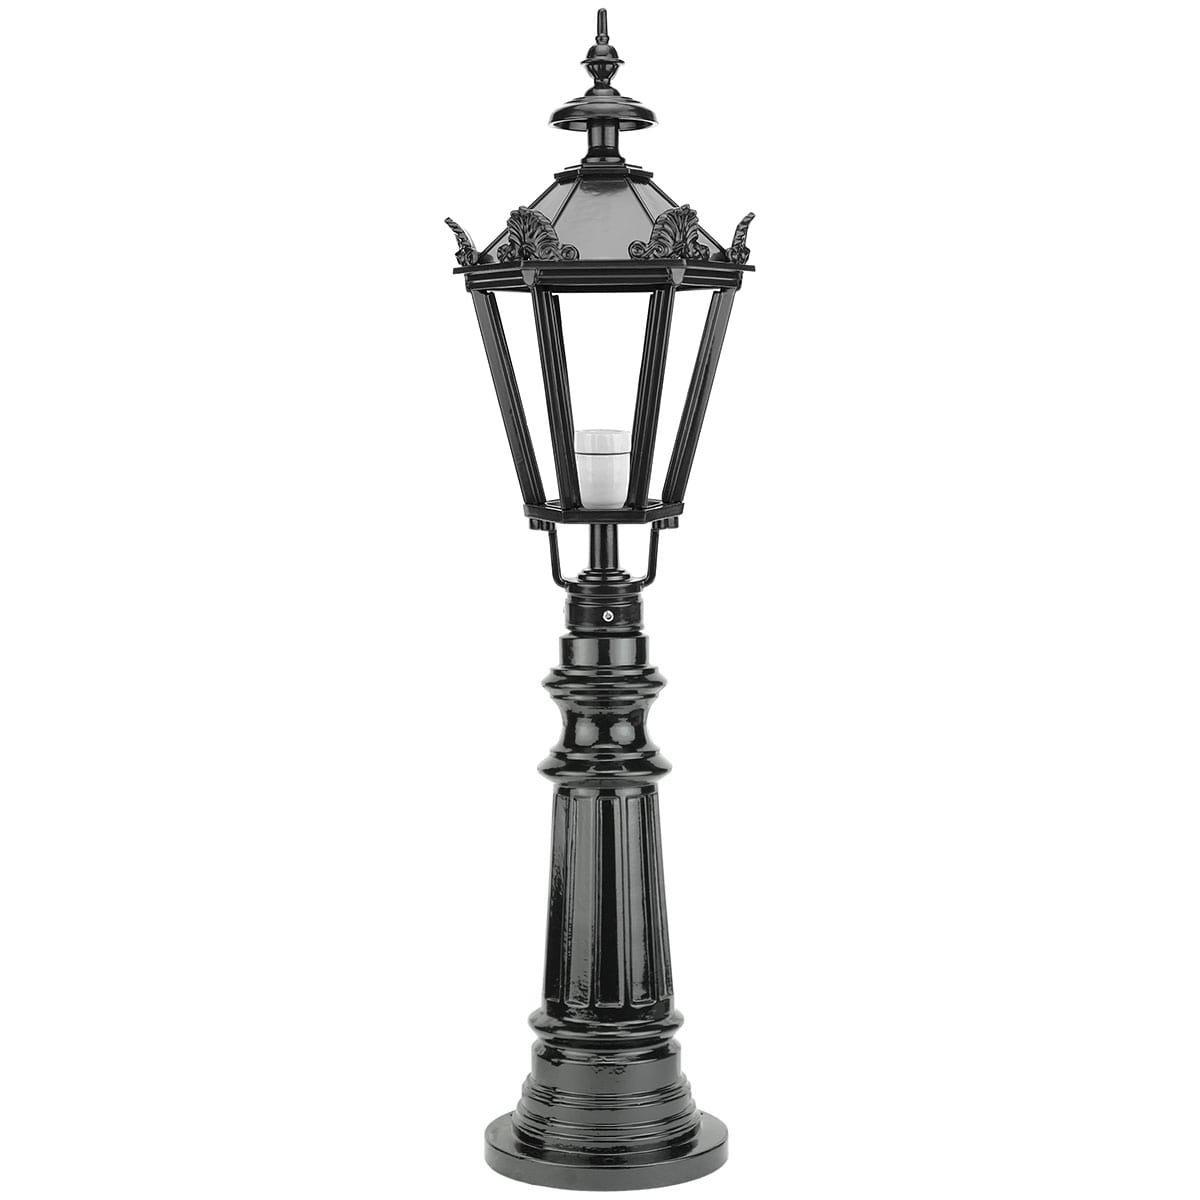 Buitenverlichting Klassiek Landelijk Tuinlamp Oldambt met kronen L - 105 cm